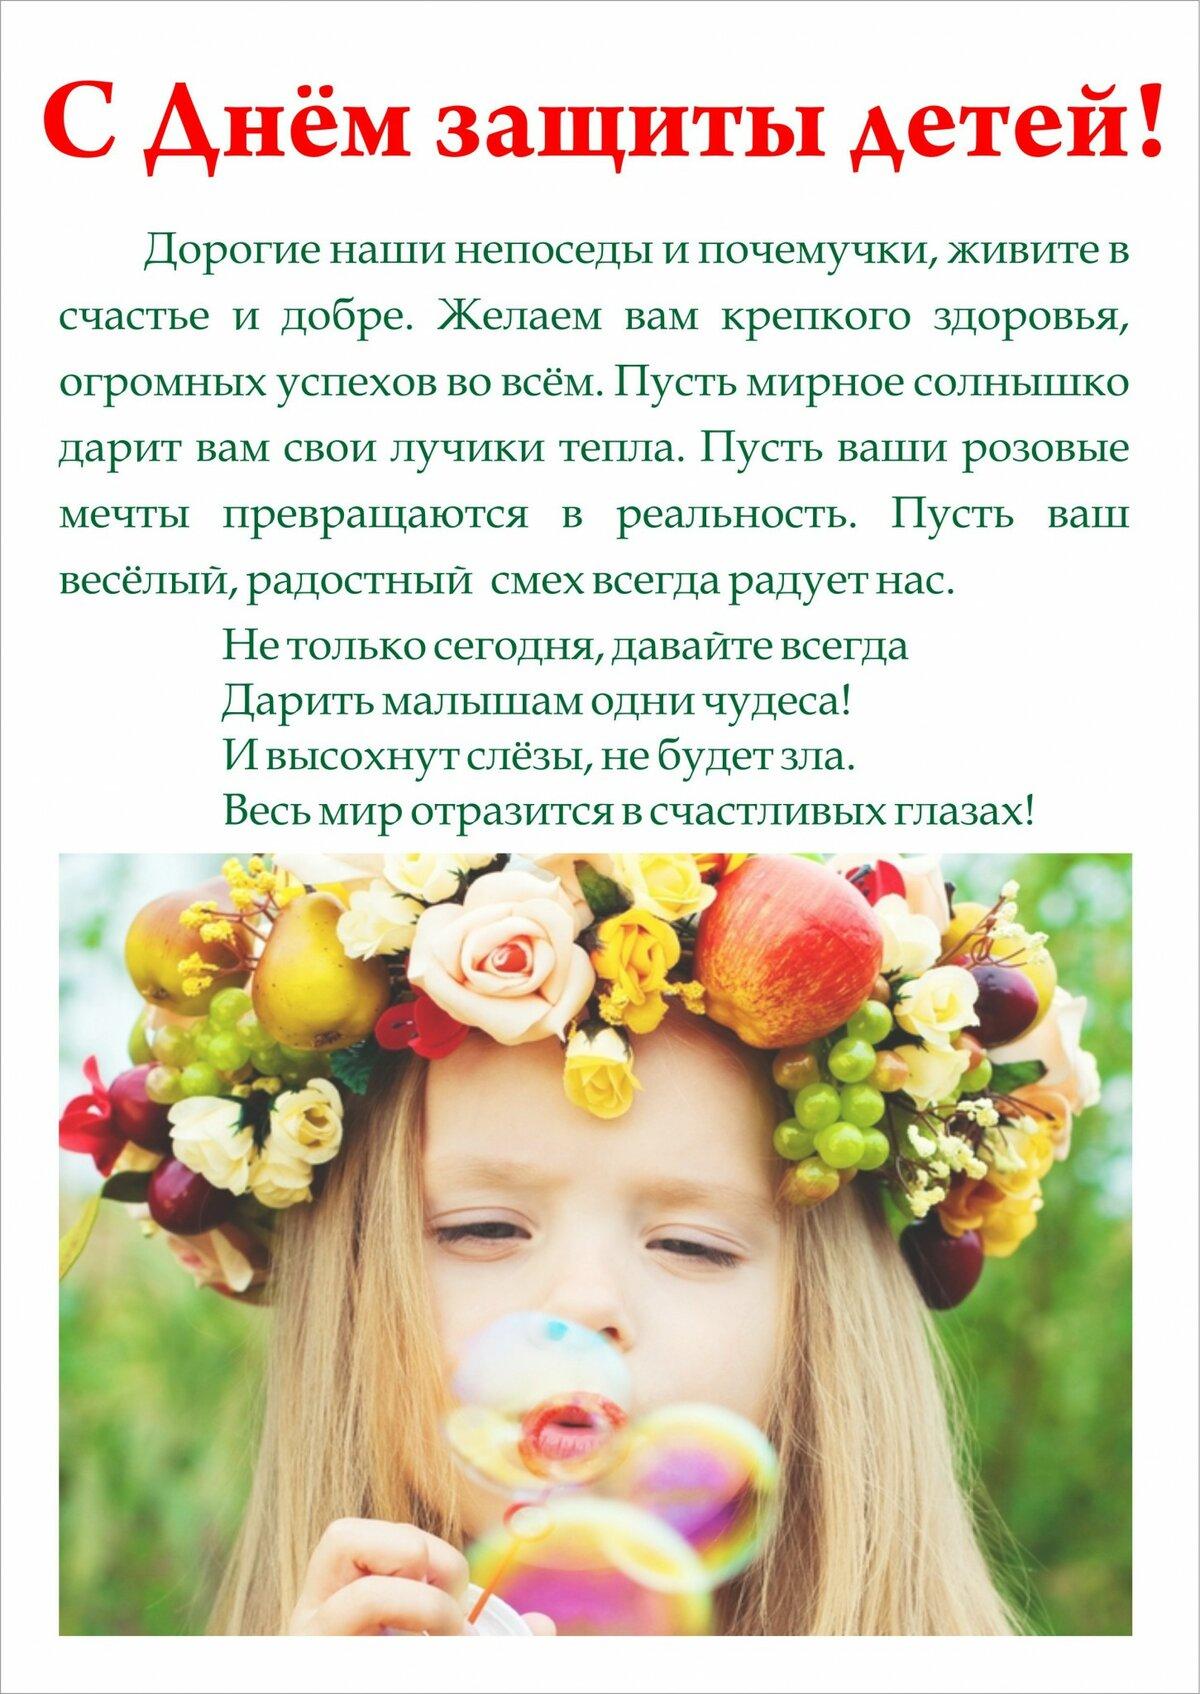 Пожелания ребенку в прозе